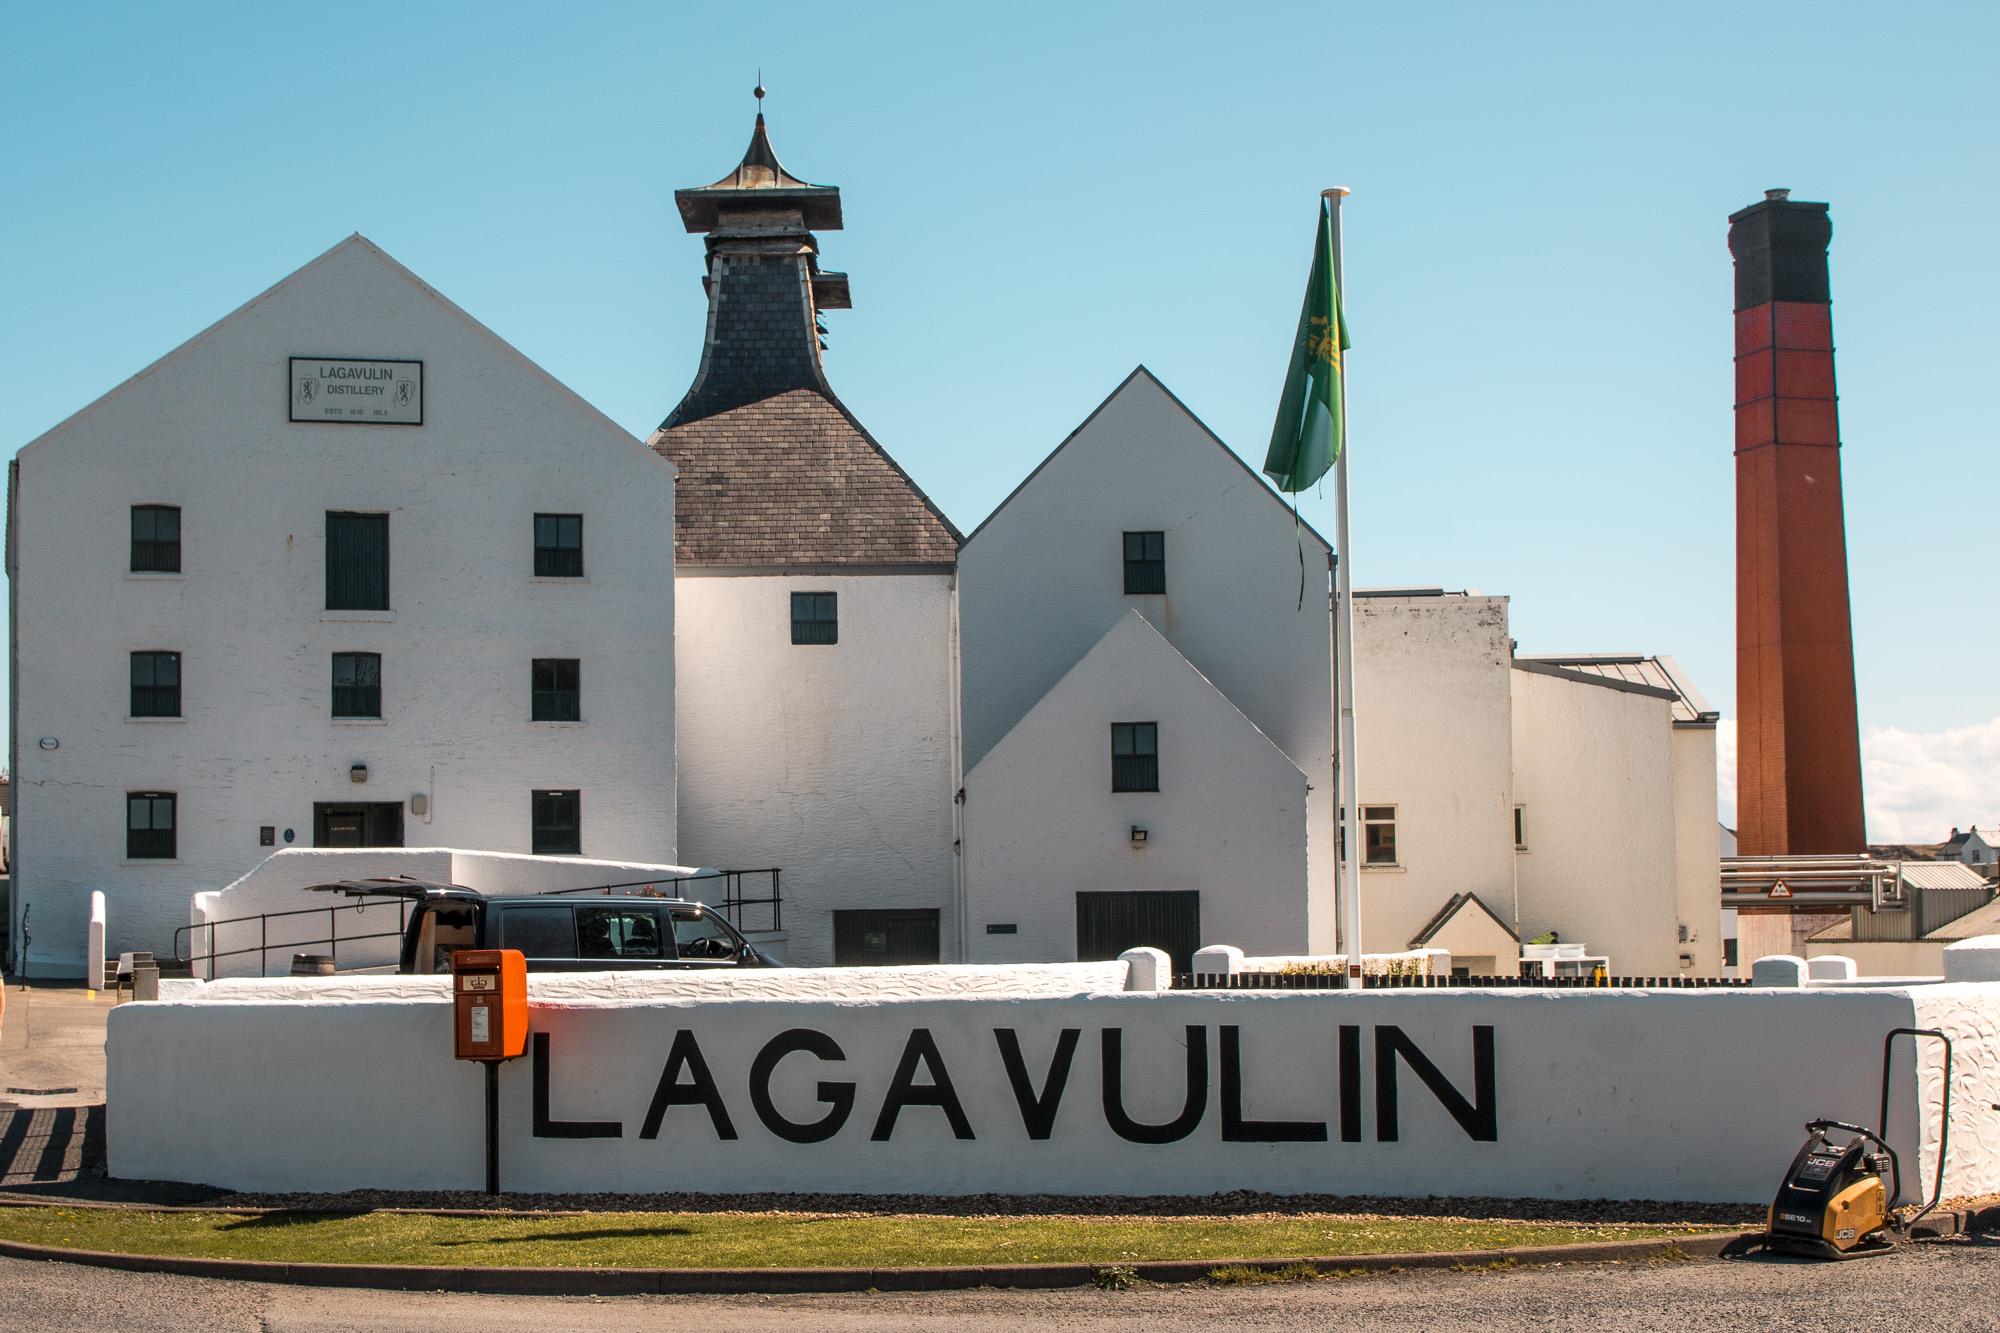 Lagavulin Destillery - Whisky Destillery auf der Insel Islay, Schottland